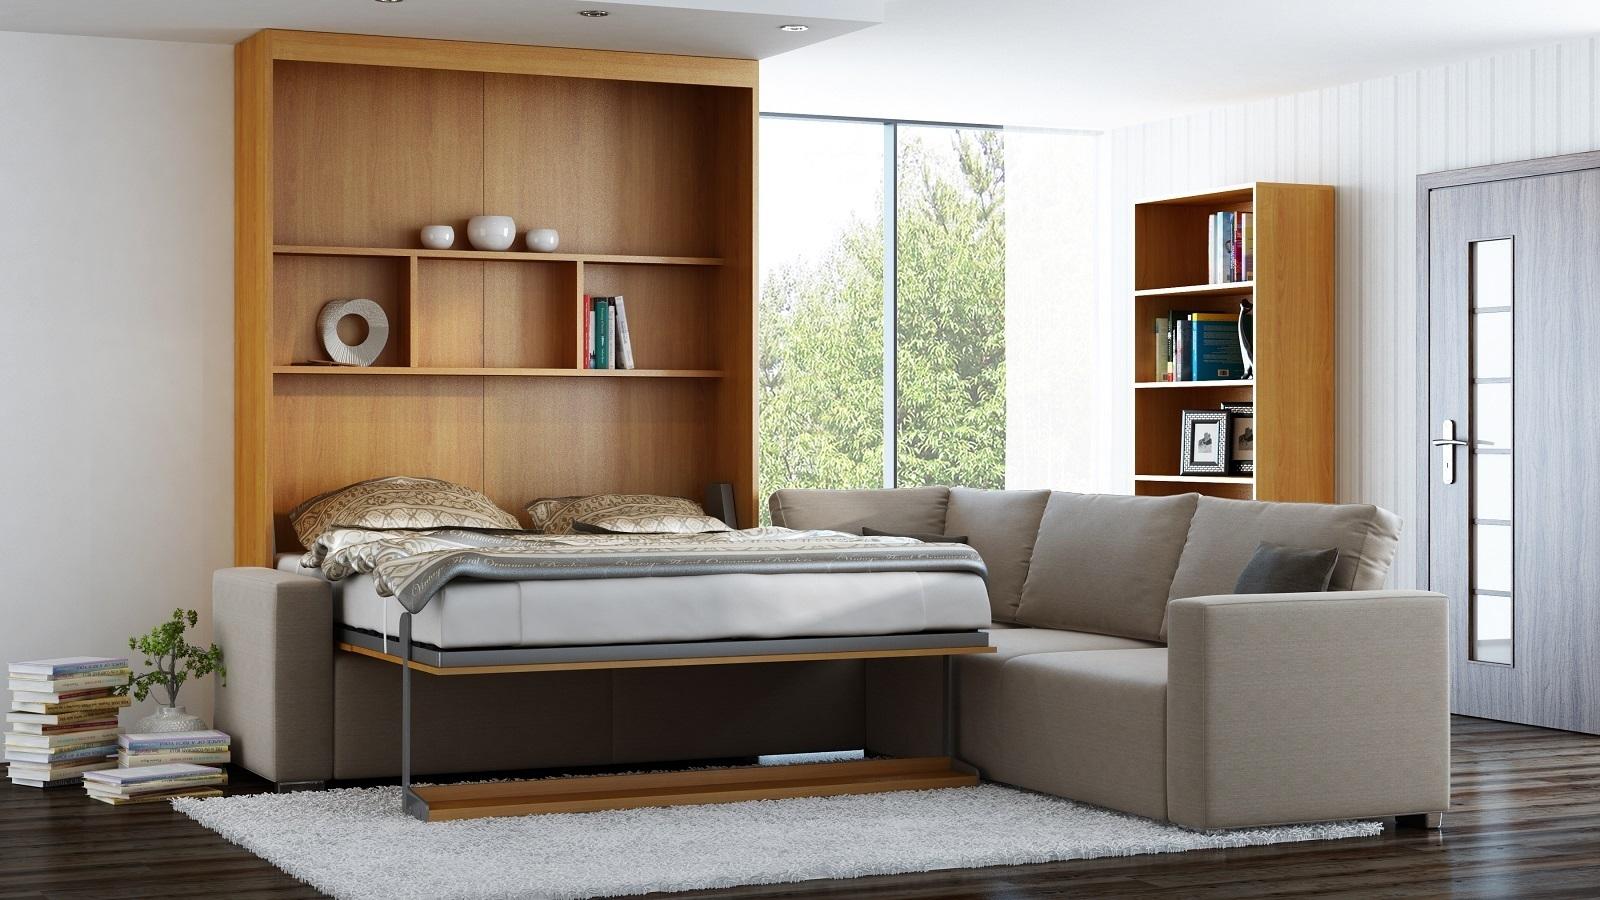 Wandbett mit sofa ecke leggio linea std std 160 x 200 cm kirsche - Wandbett mit sofa ...